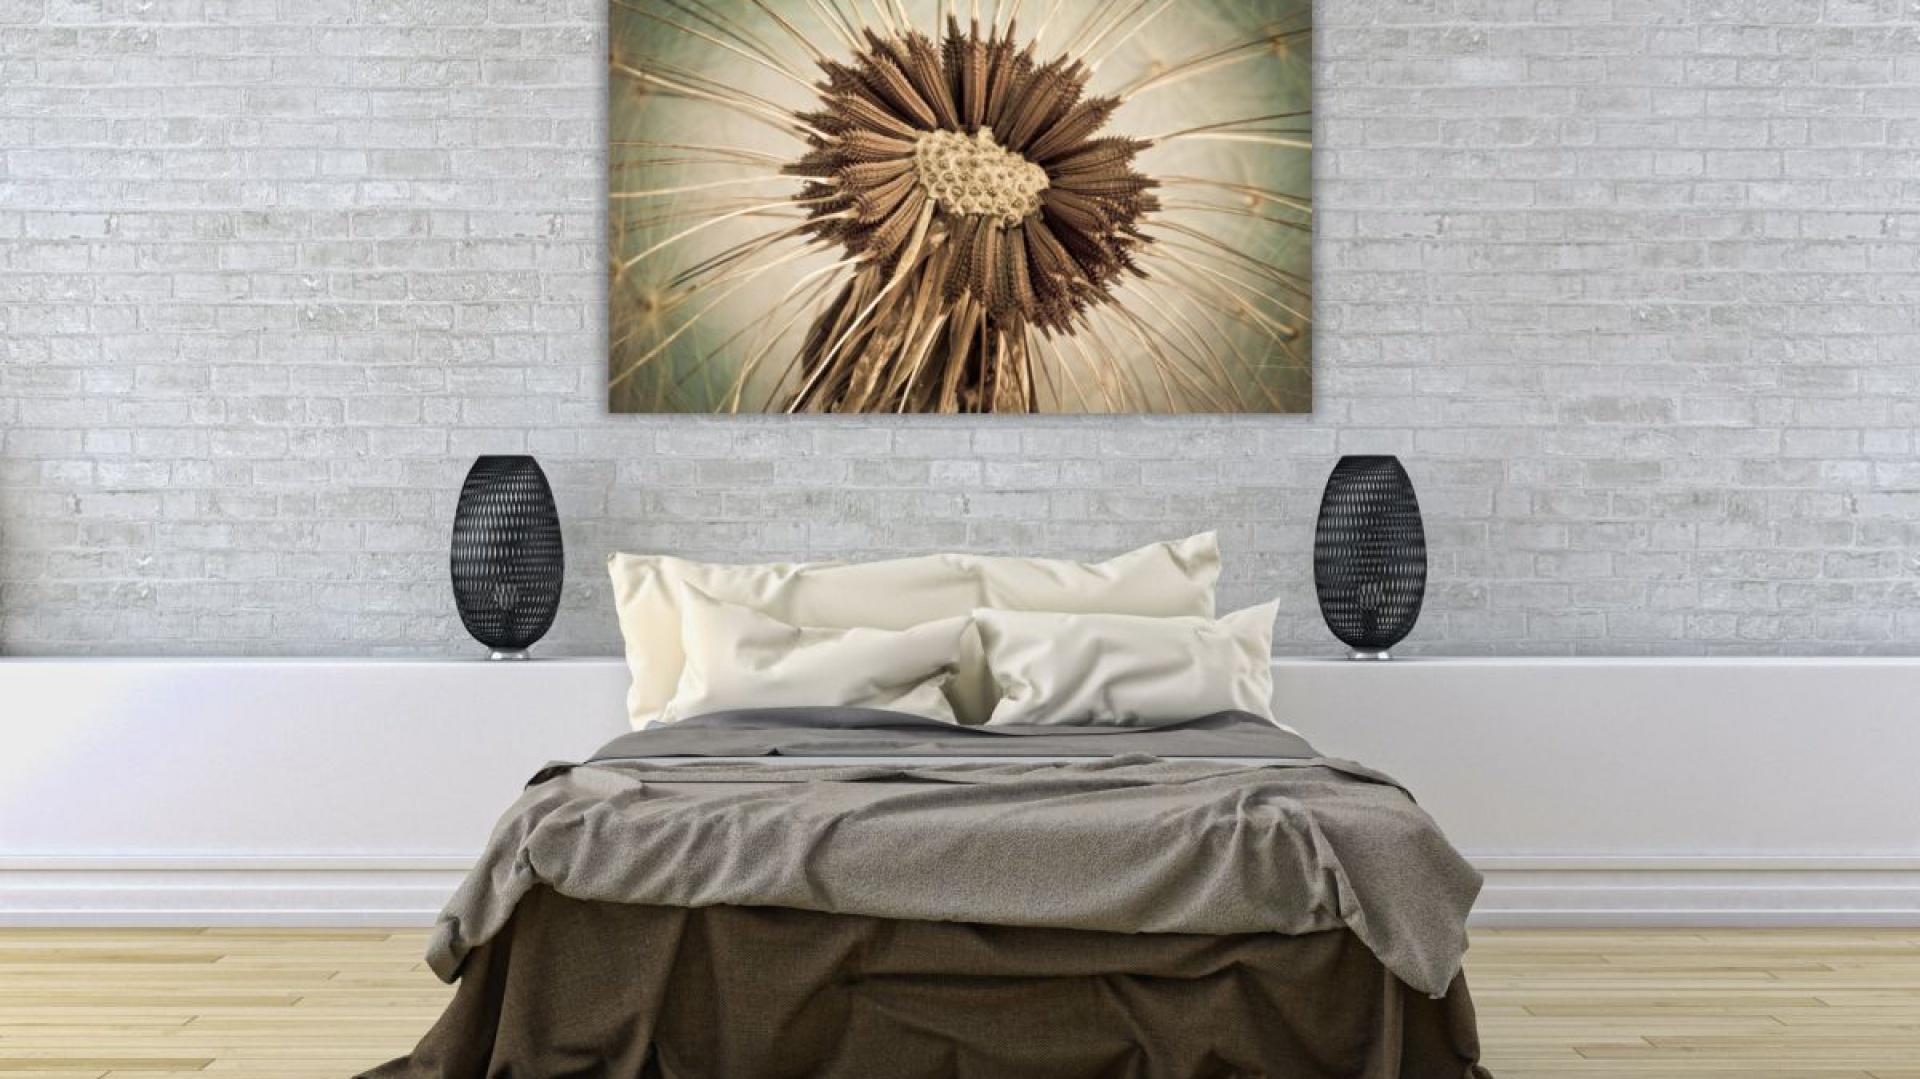 Zdjęcie dmuchawca w skali makro robi niesamowite wrażenie. W taki obraz można się wpatrywać długie minuty. Świetnie wygląda w połączeniu z brązowymi tkaninami łóżka. Do nabycia na stronie Demural. Fot. Demural.